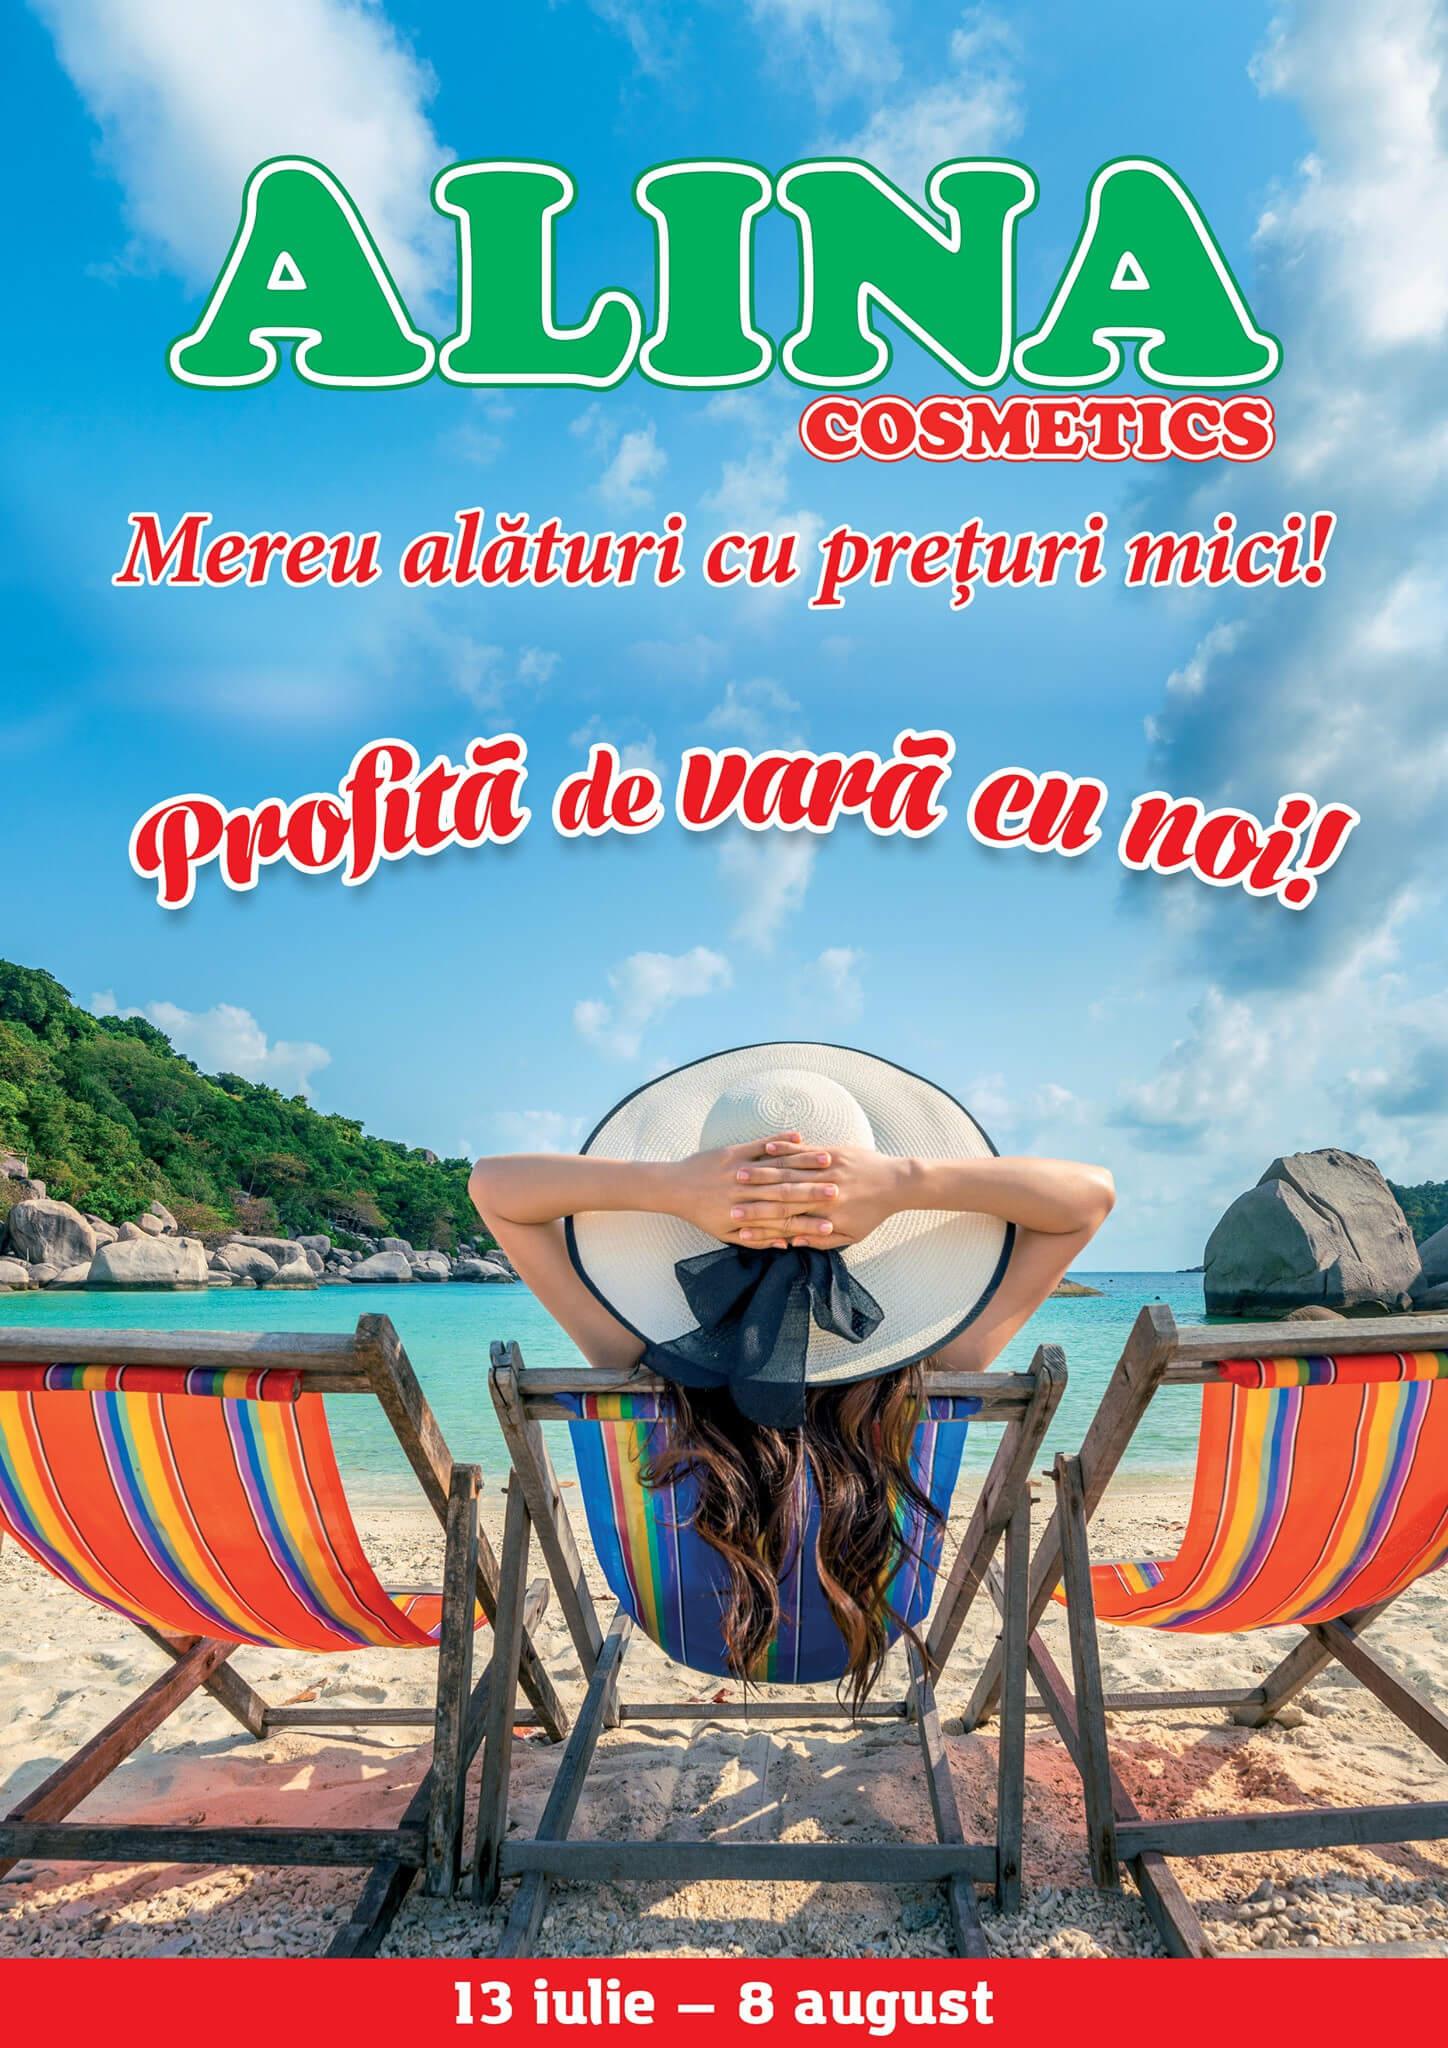 Alina Cosmetics - Profită de vară cu noi